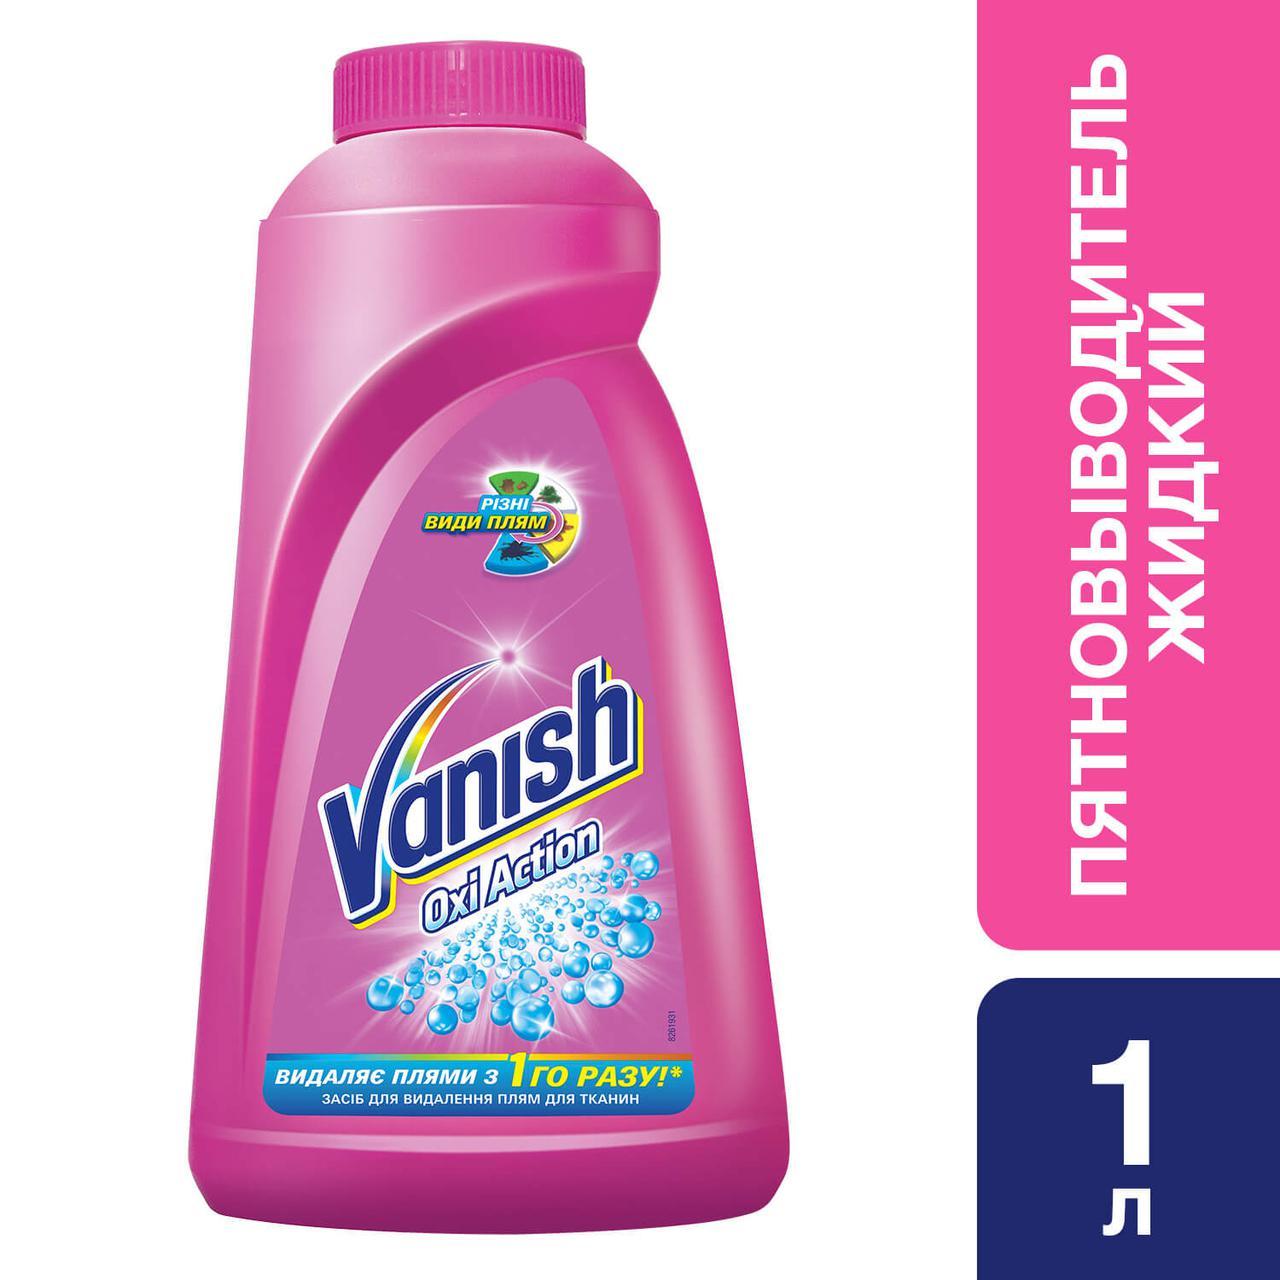 Пятновыводитель жидкий для тканей Vanish Pink Oxi Action, 1000 мл